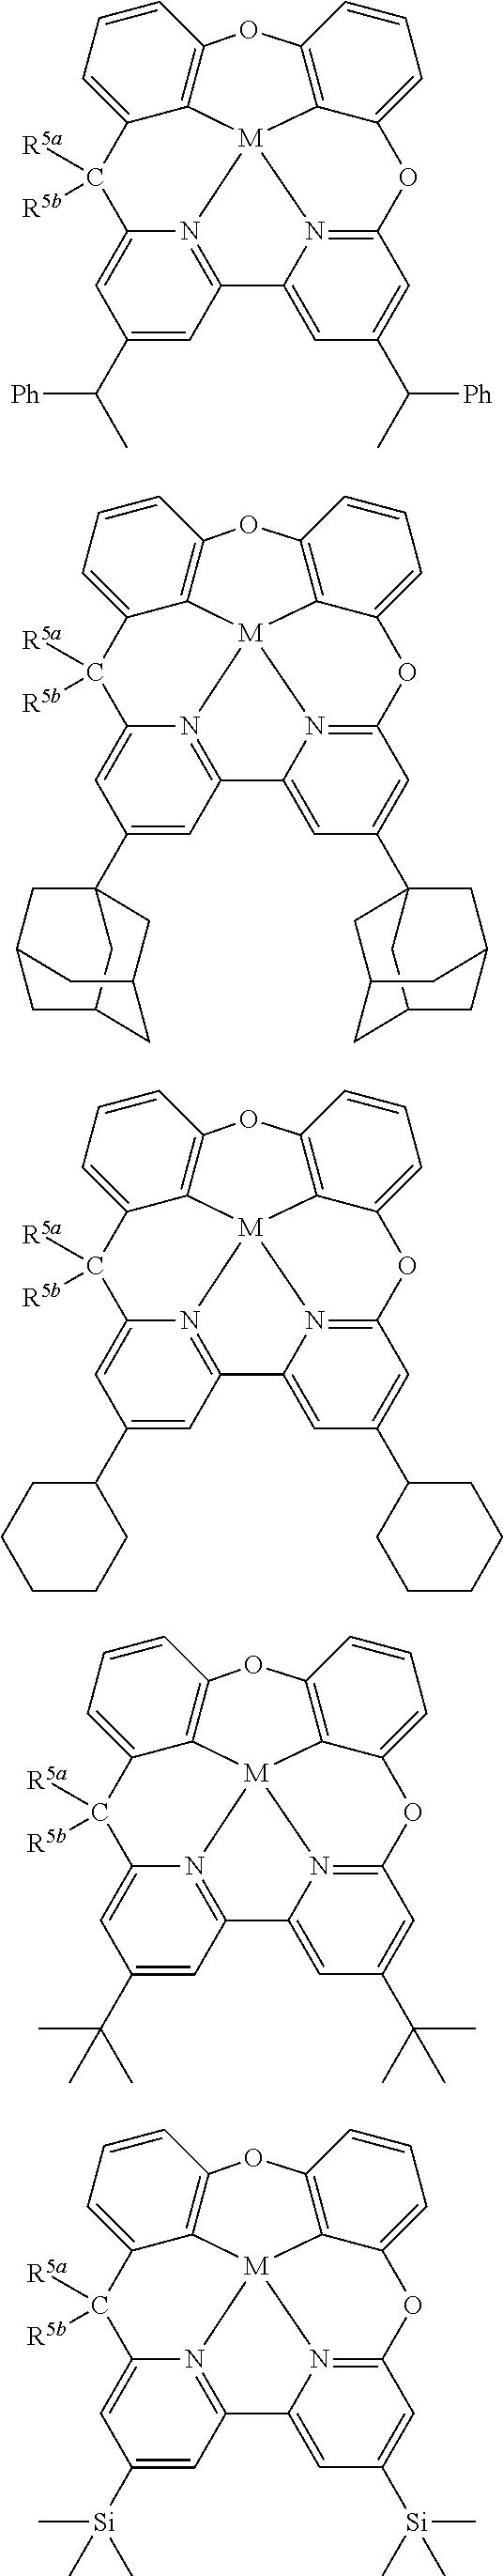 Figure US10158091-20181218-C00052